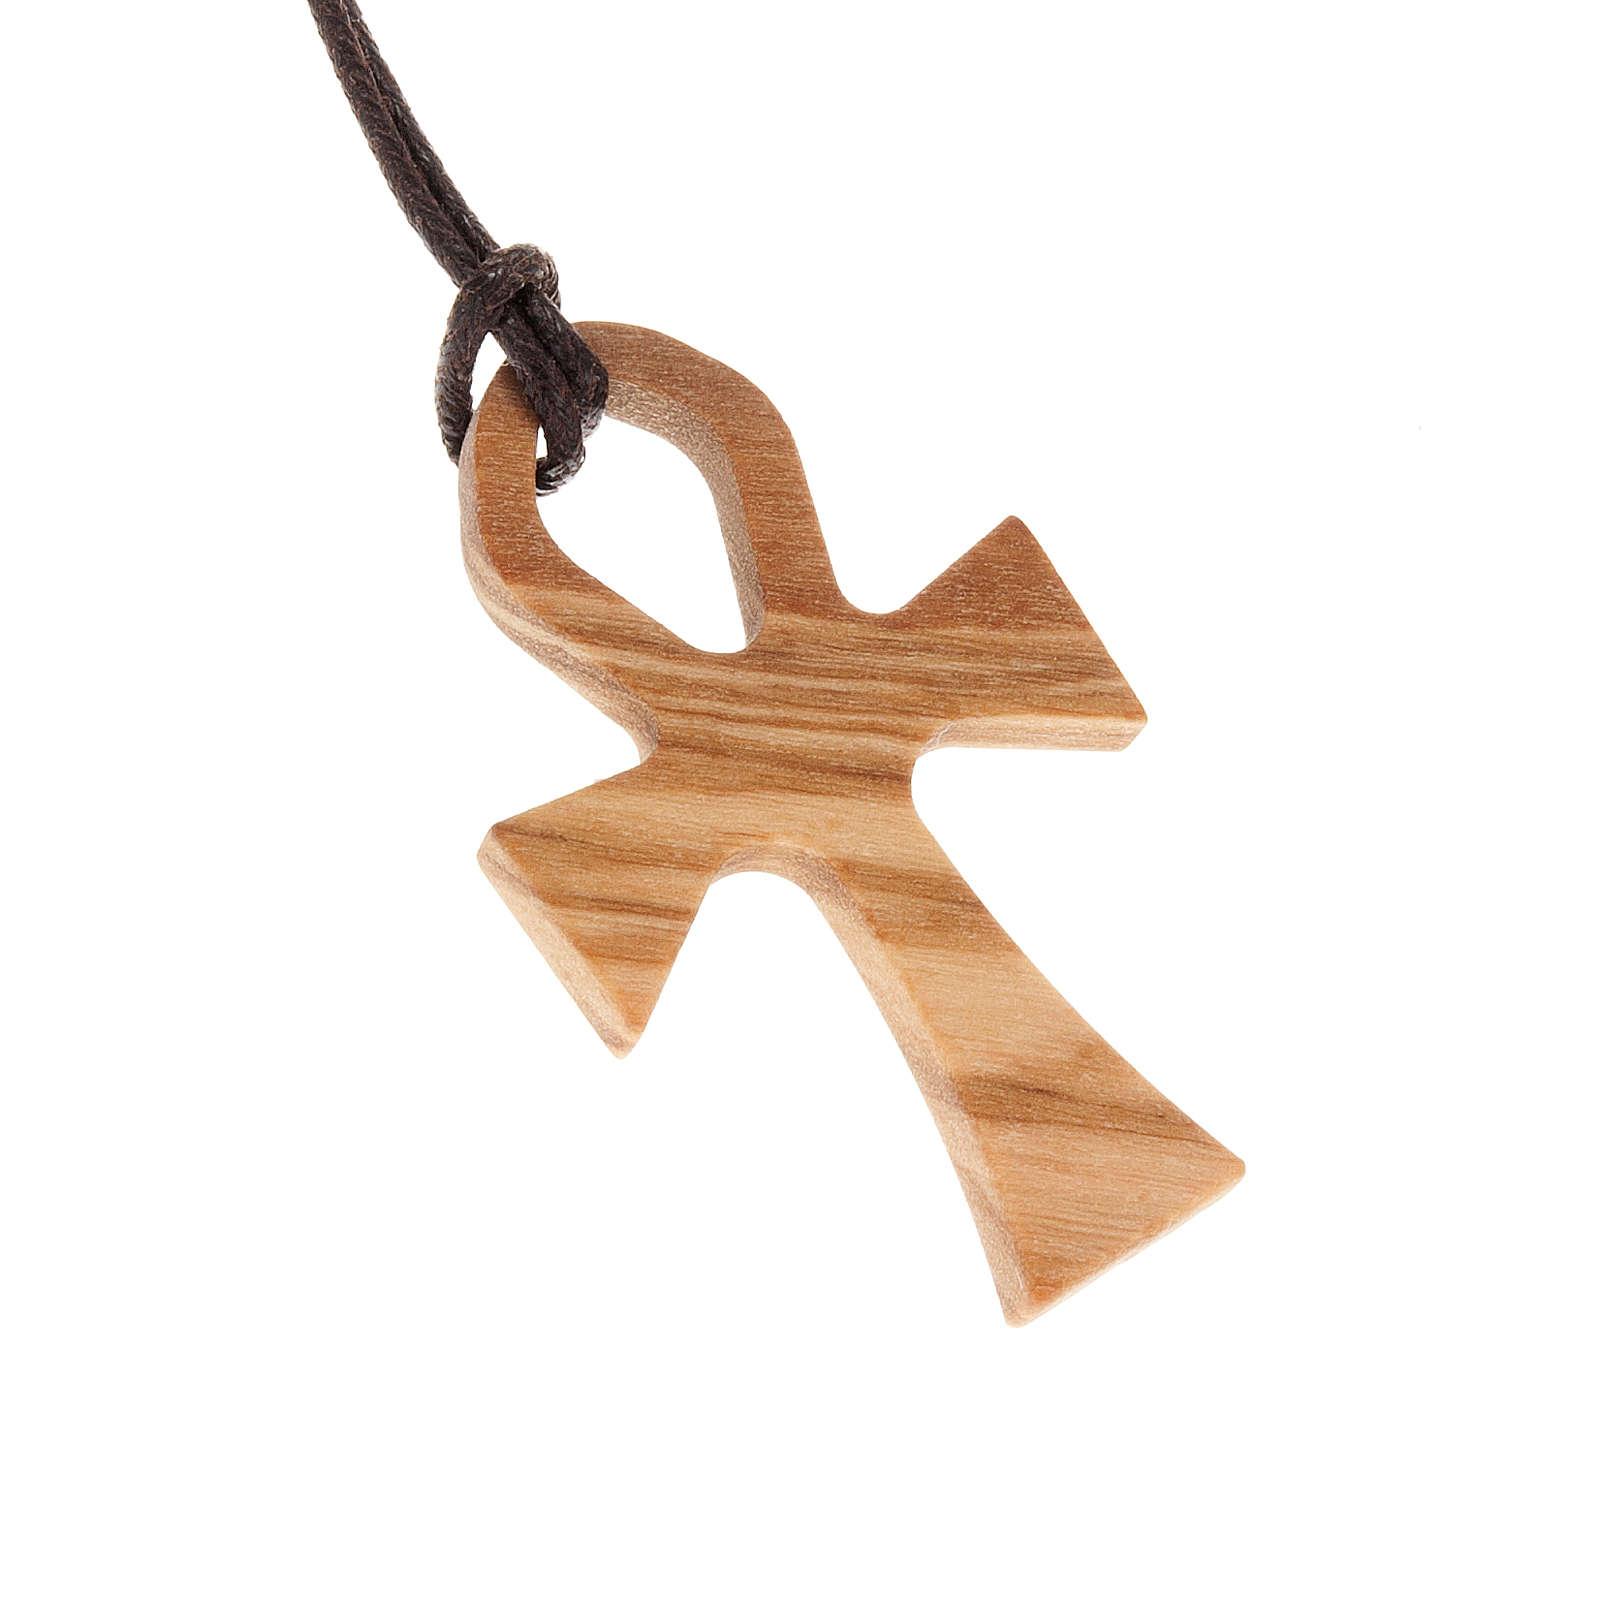 Kreuz des Lebens Olivenholz mit Band 4